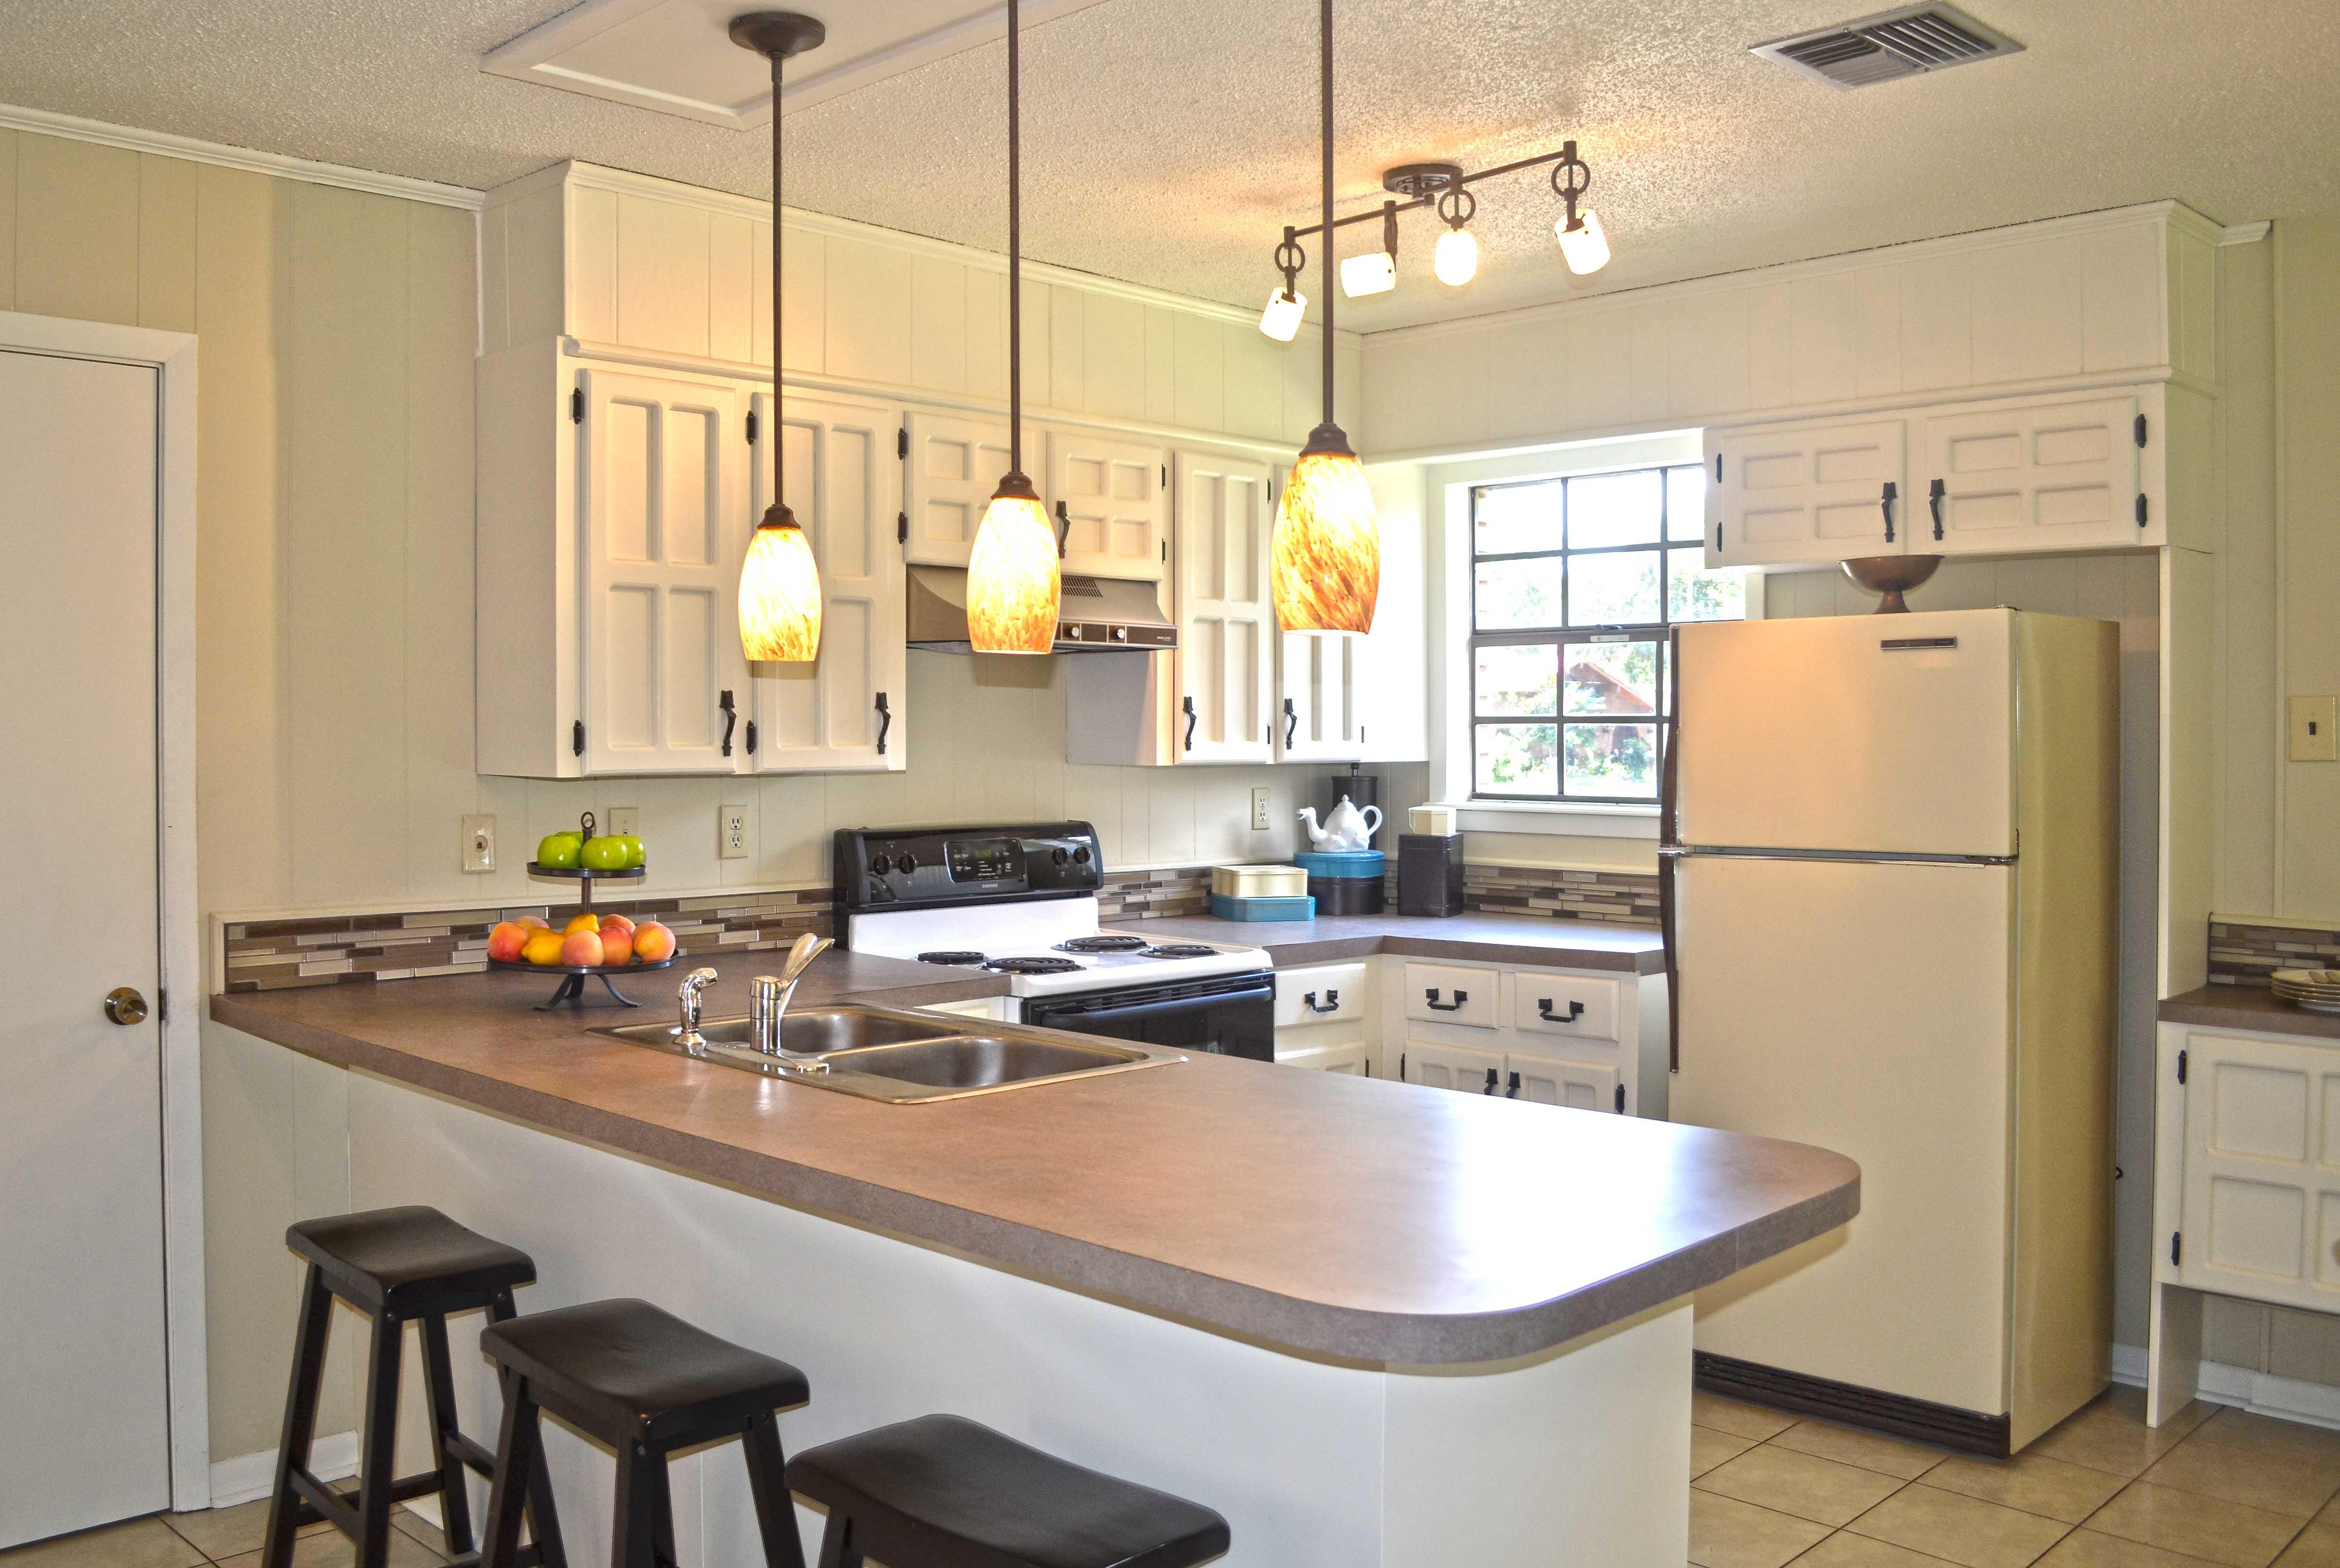 Интерьер кухни 10 кв м с барной стойкой фото